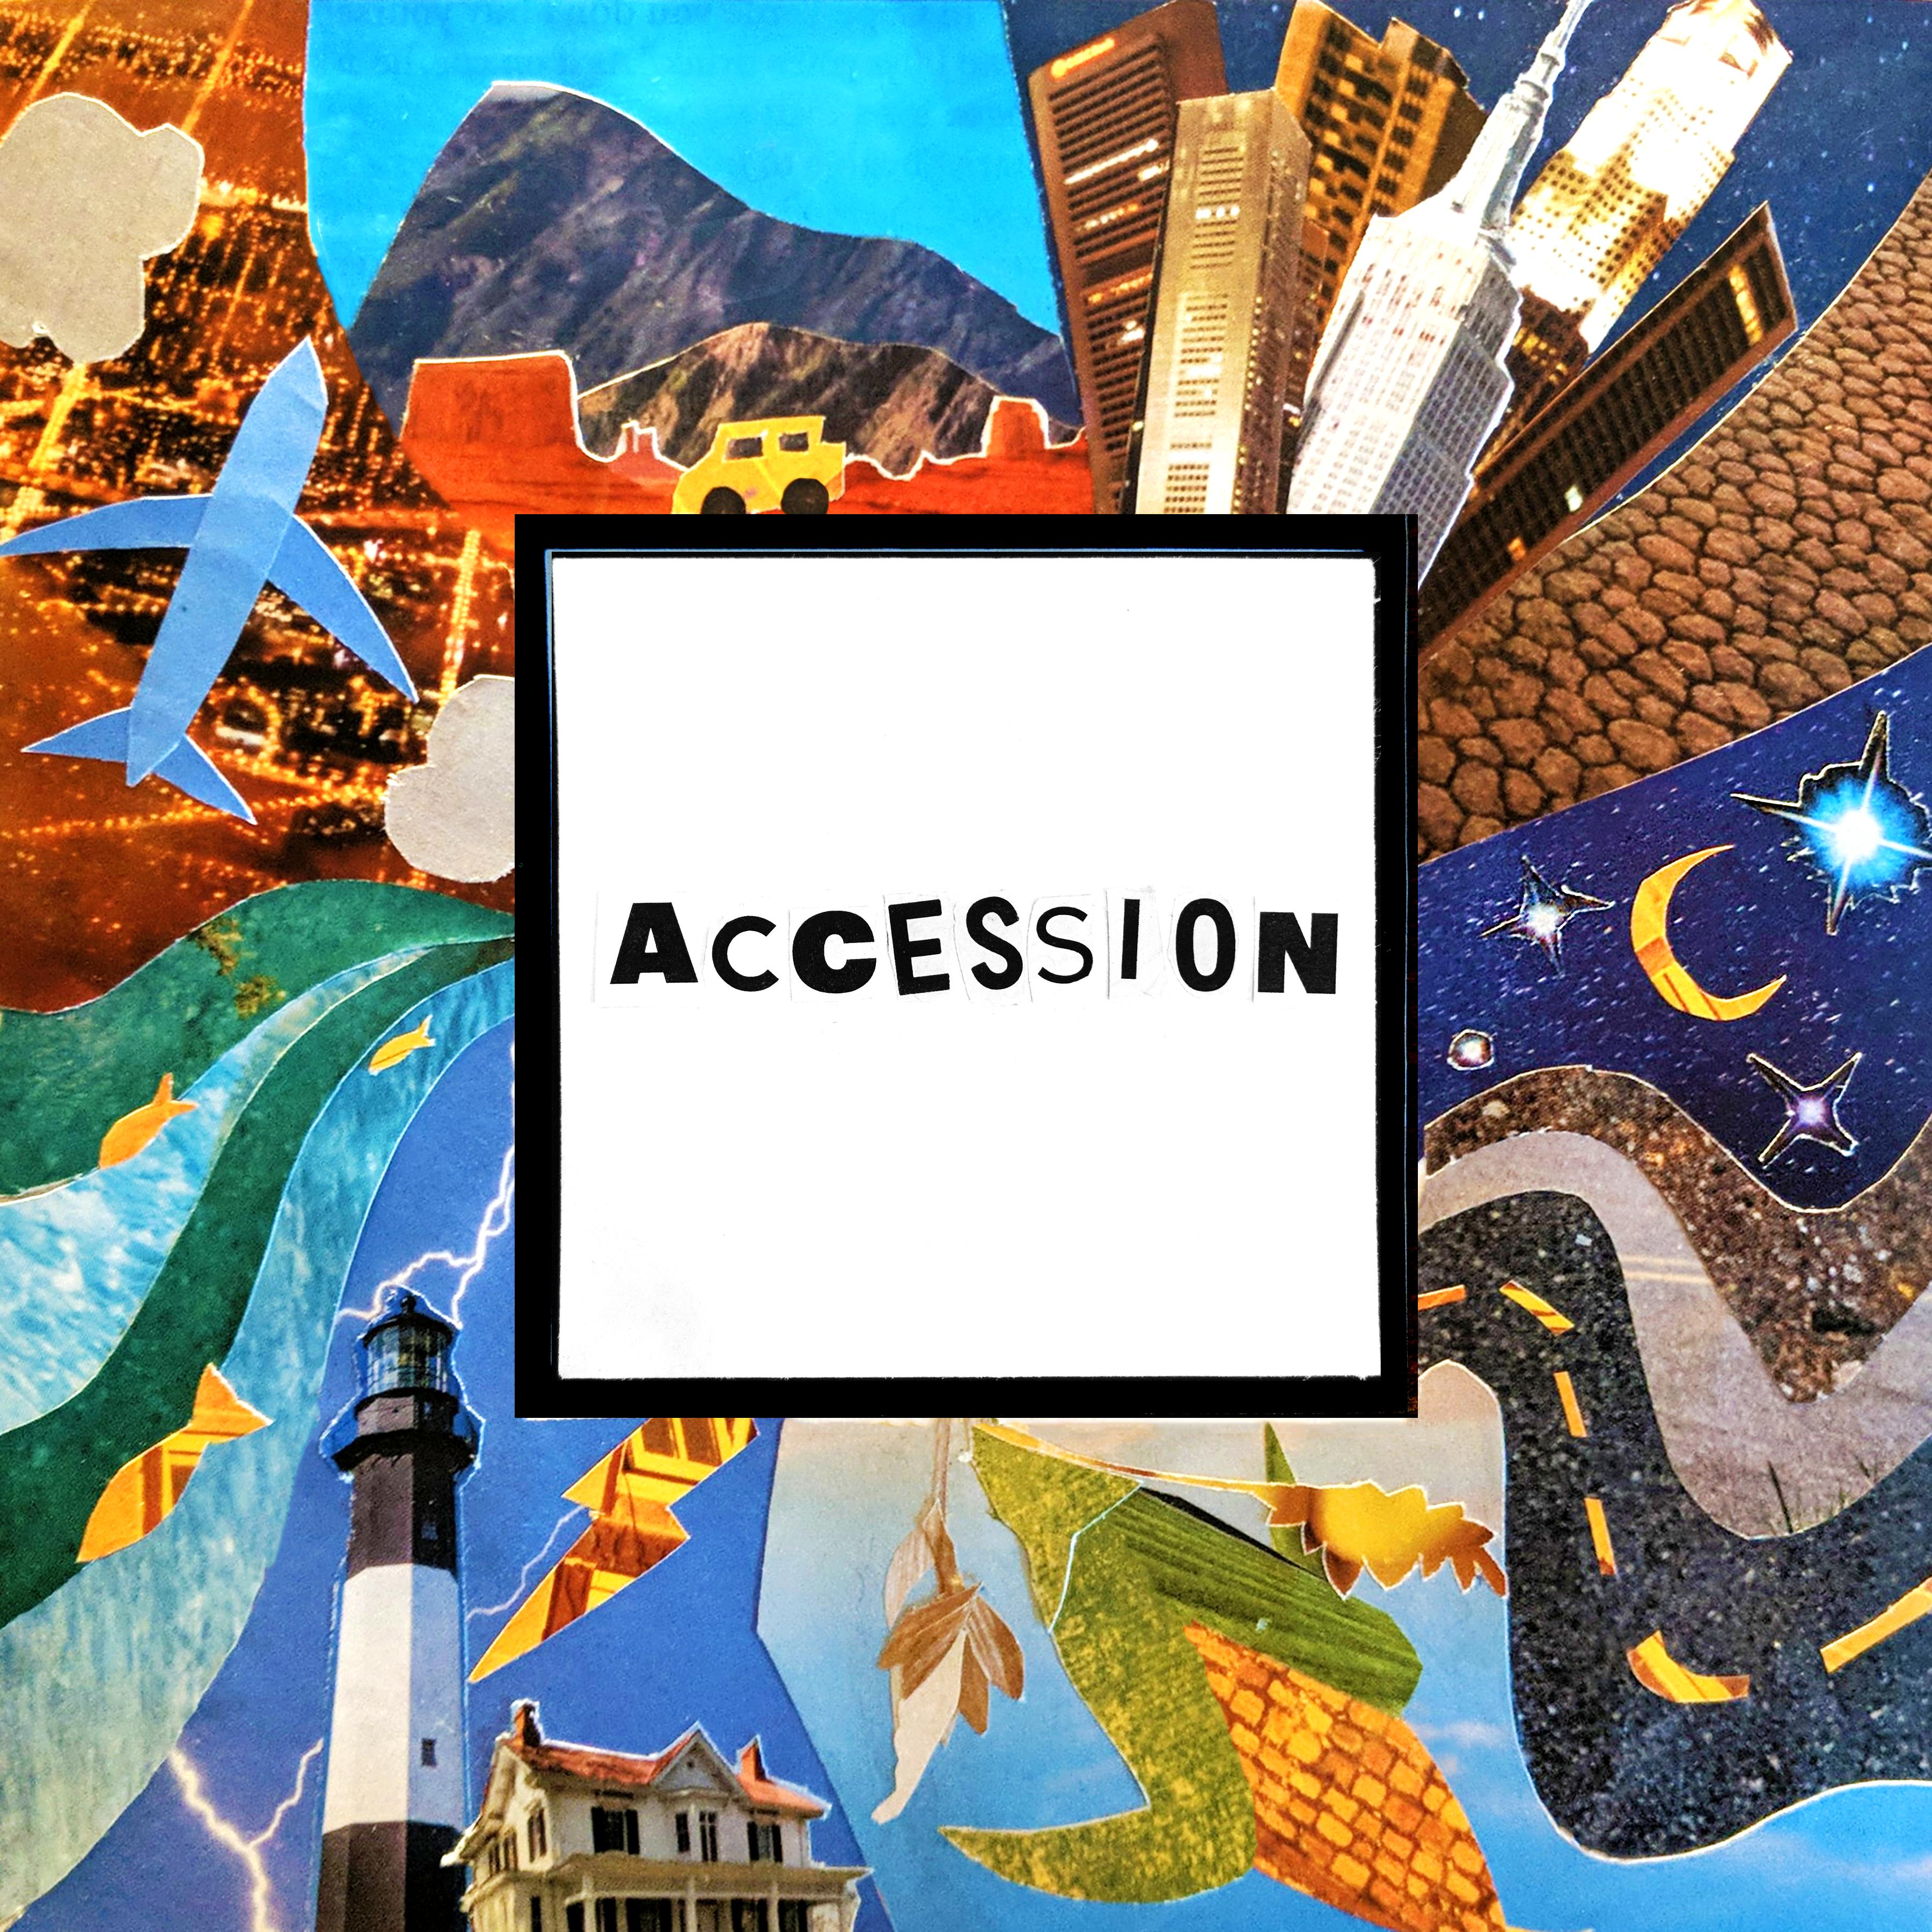 Accession: Homeward Trailer